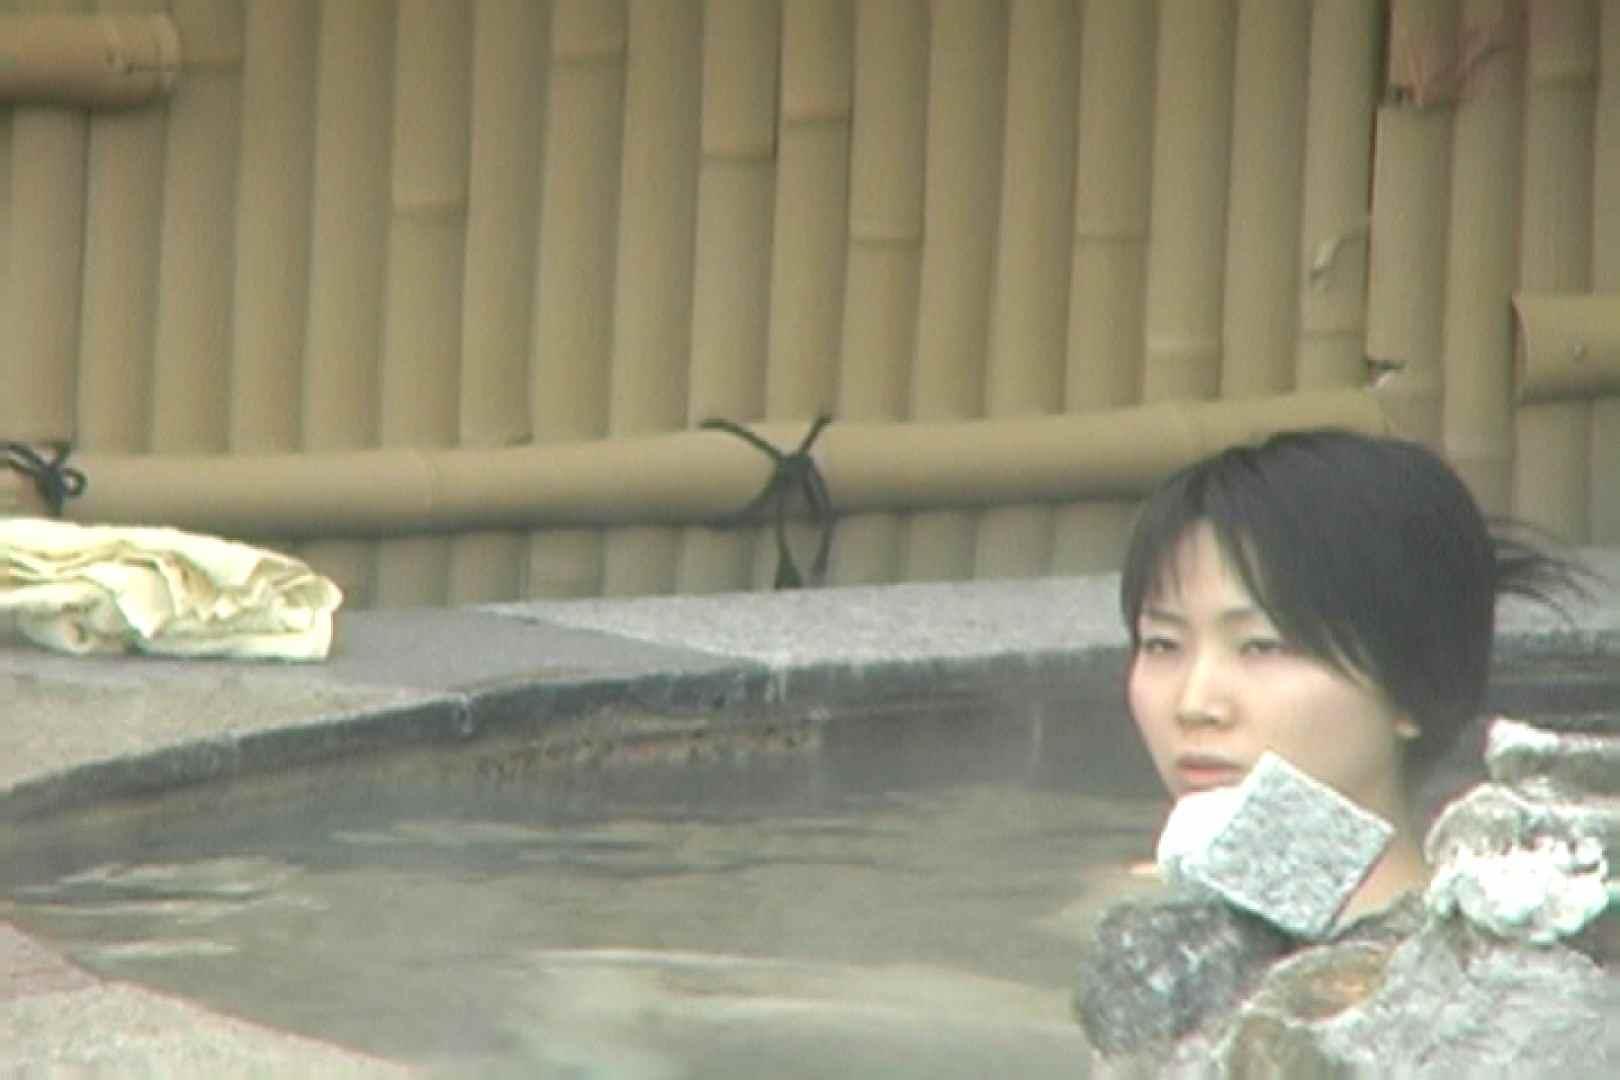 Aquaな露天風呂Vol.567 OLのプライベート のぞき動画画像 13pic 2